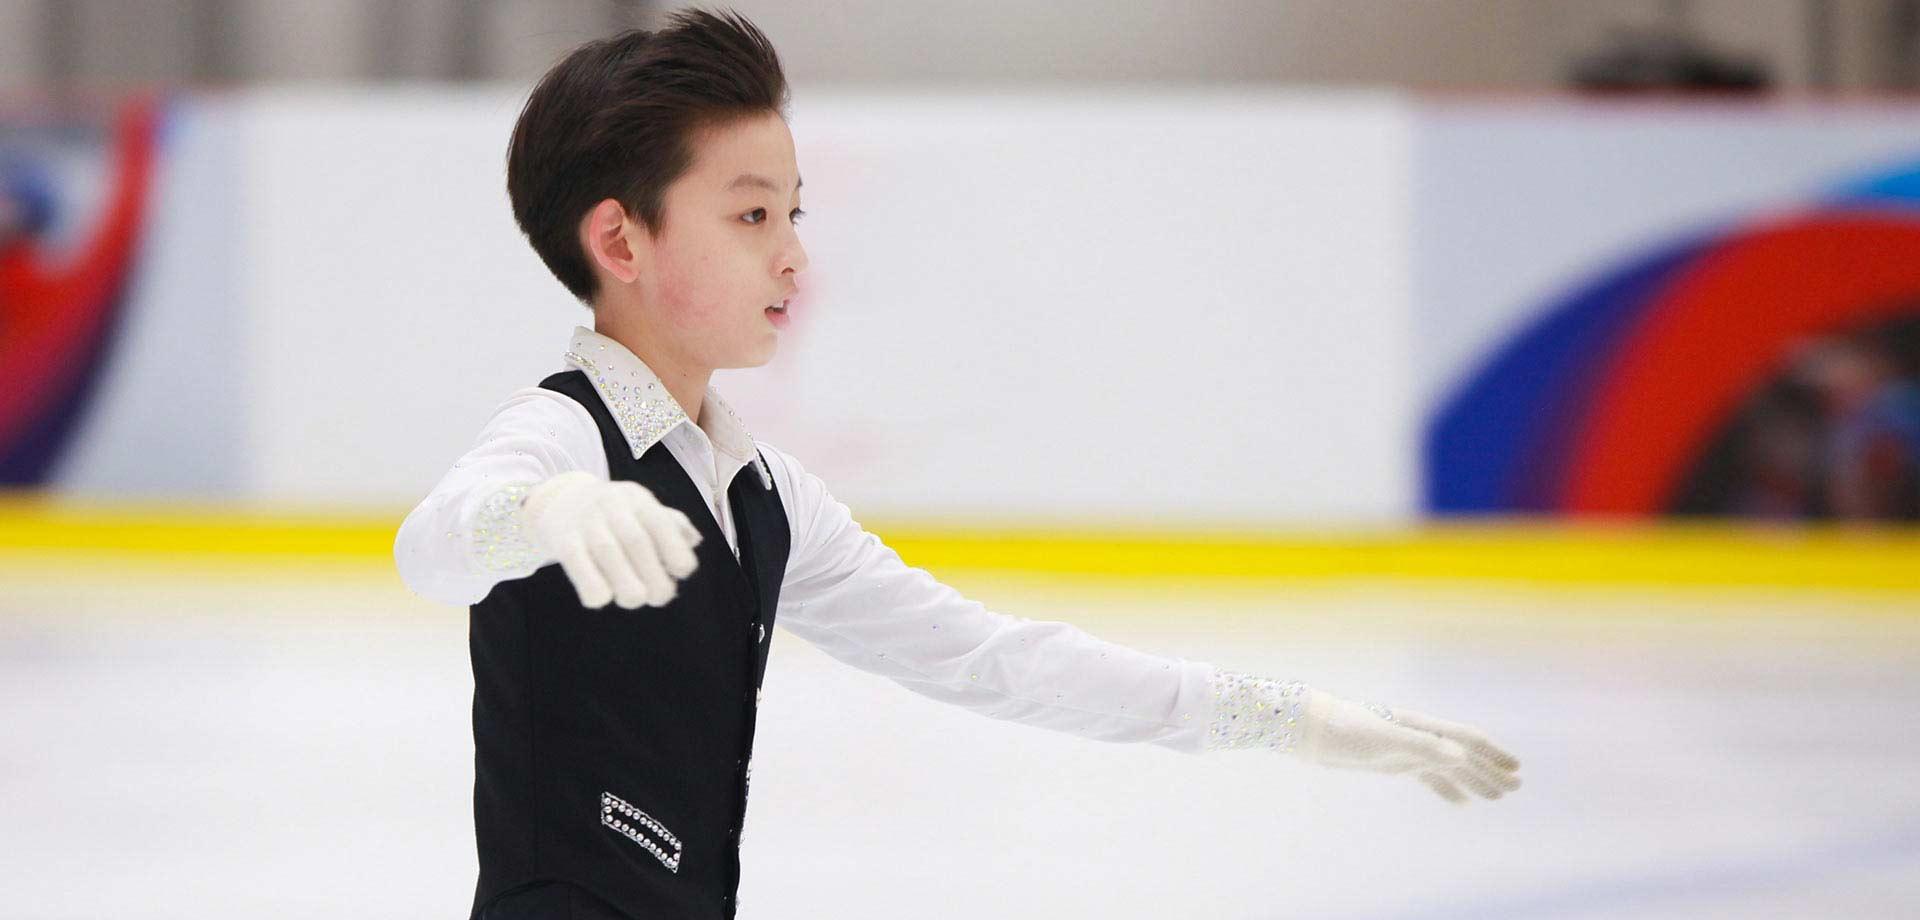 冬奧特刊:12歲的花滑國家一級運動員